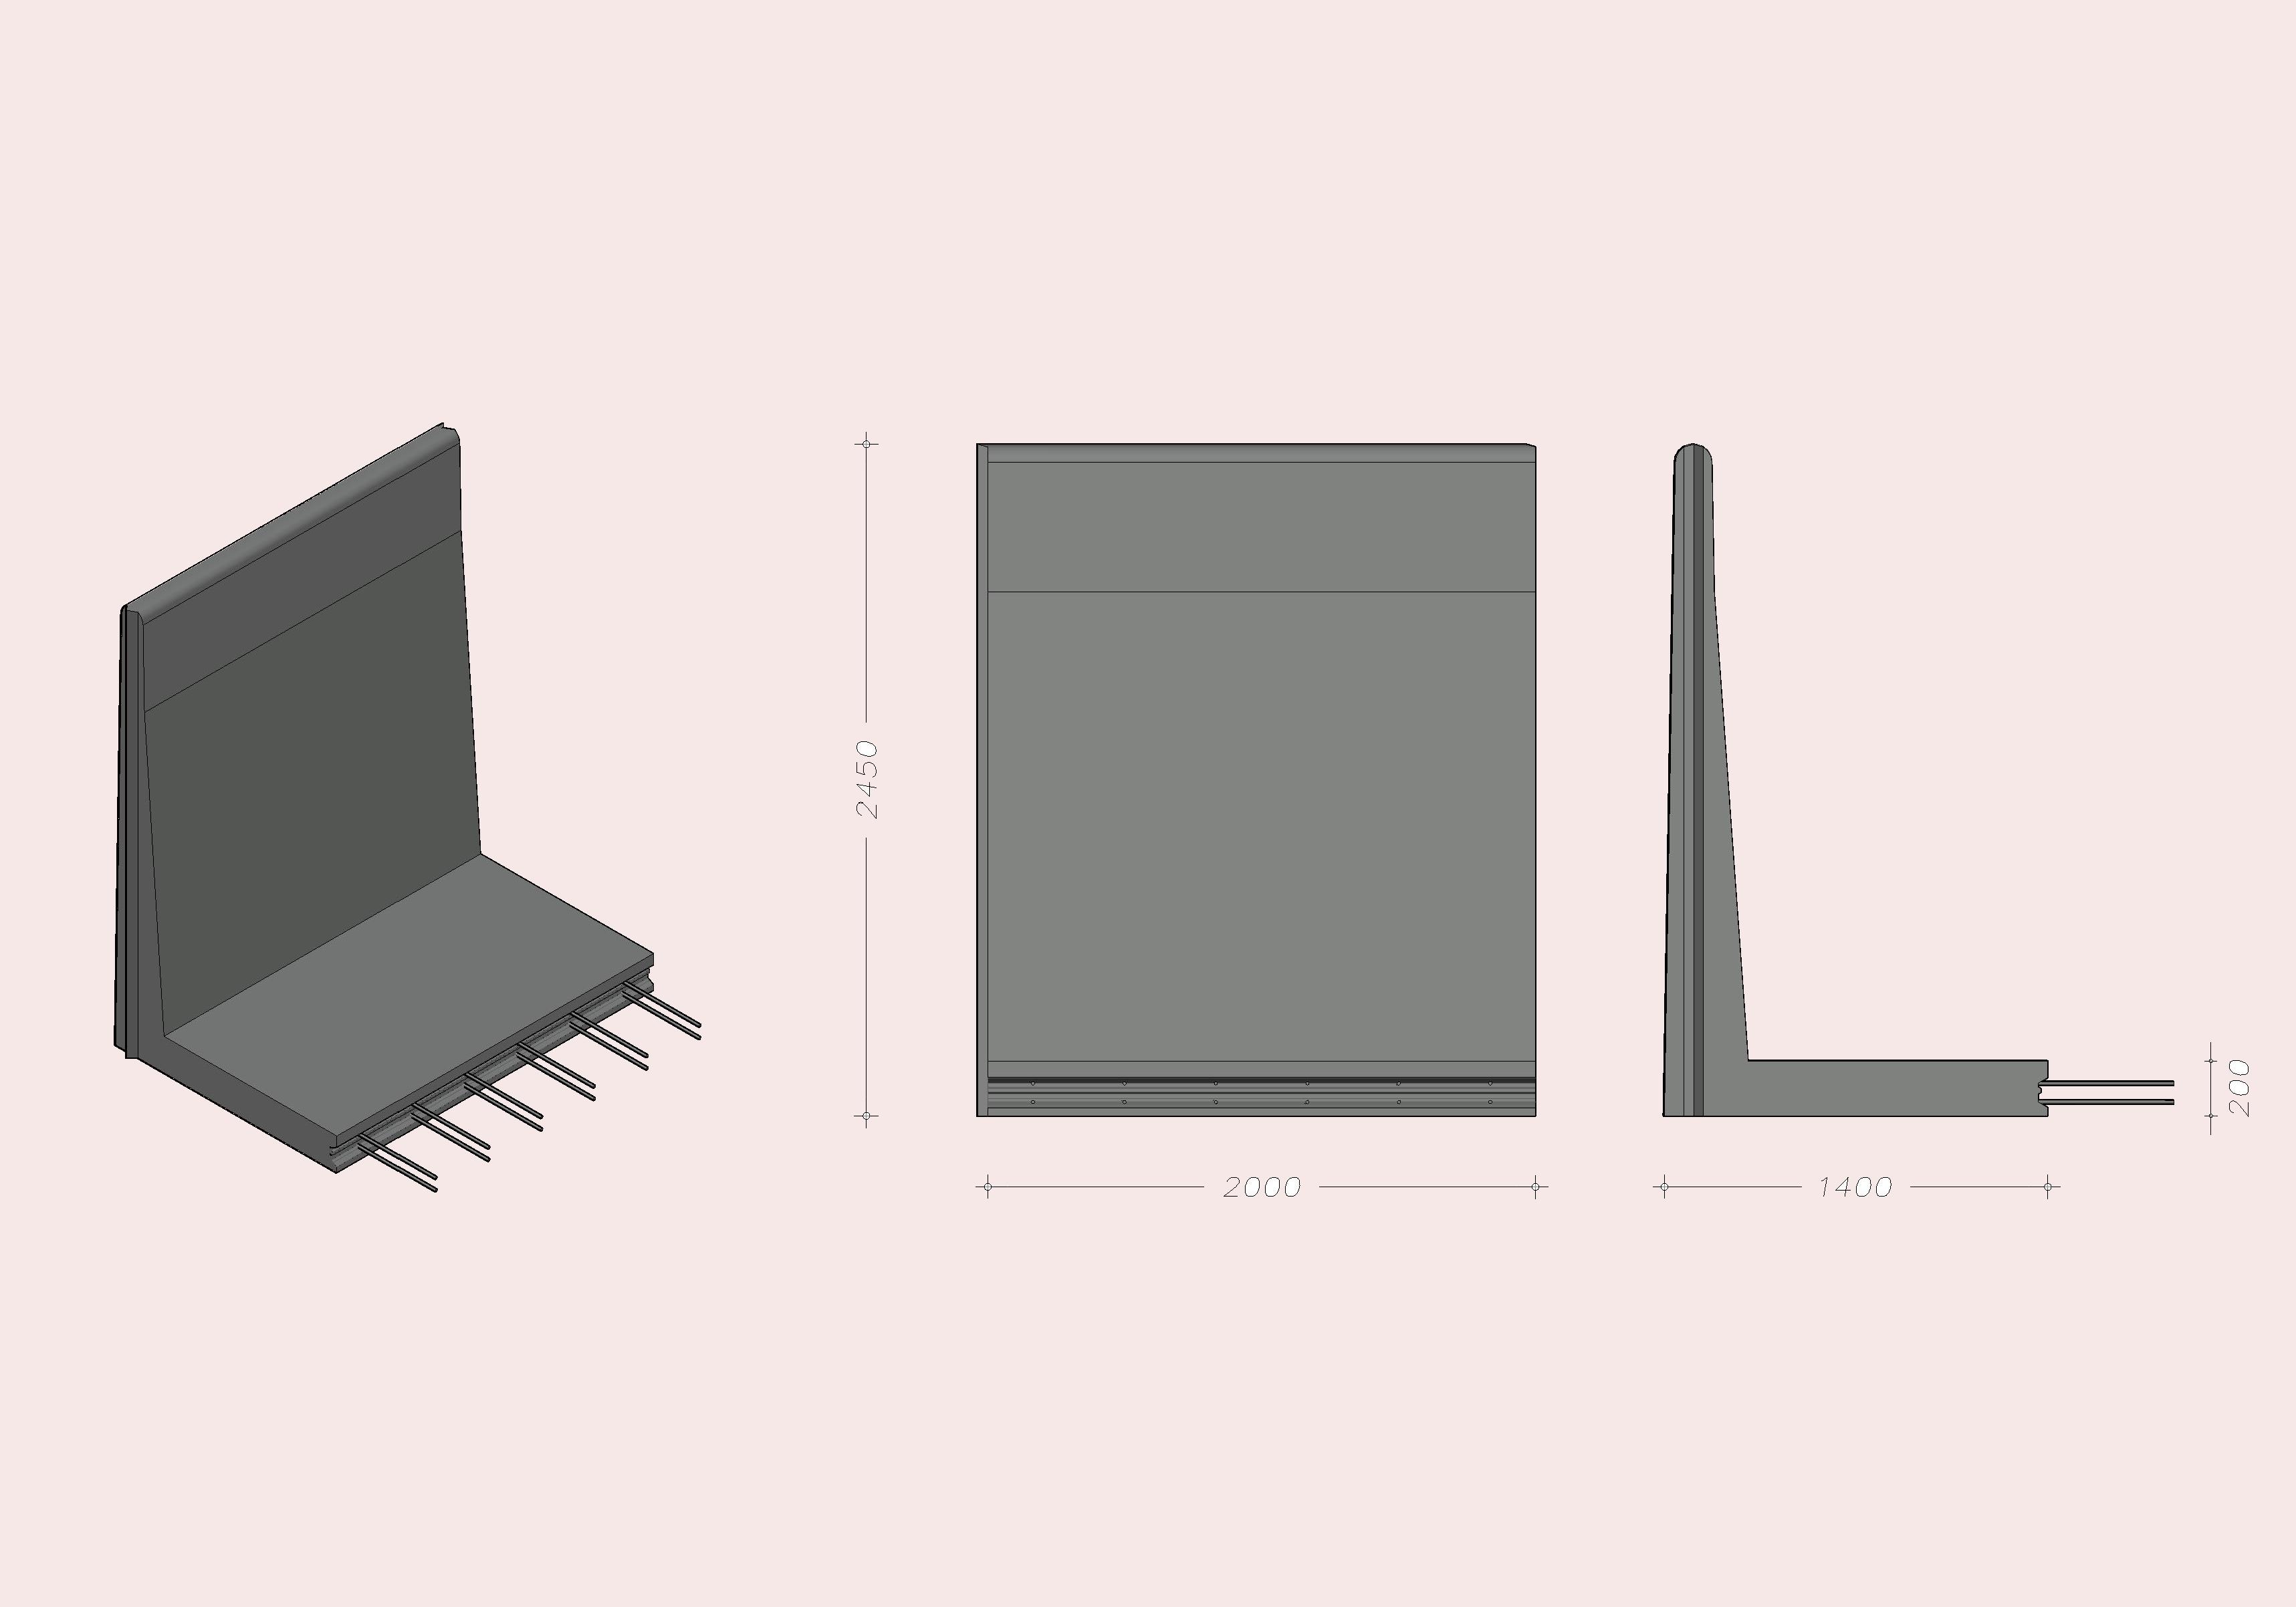 L-245 X 200 - Standard element